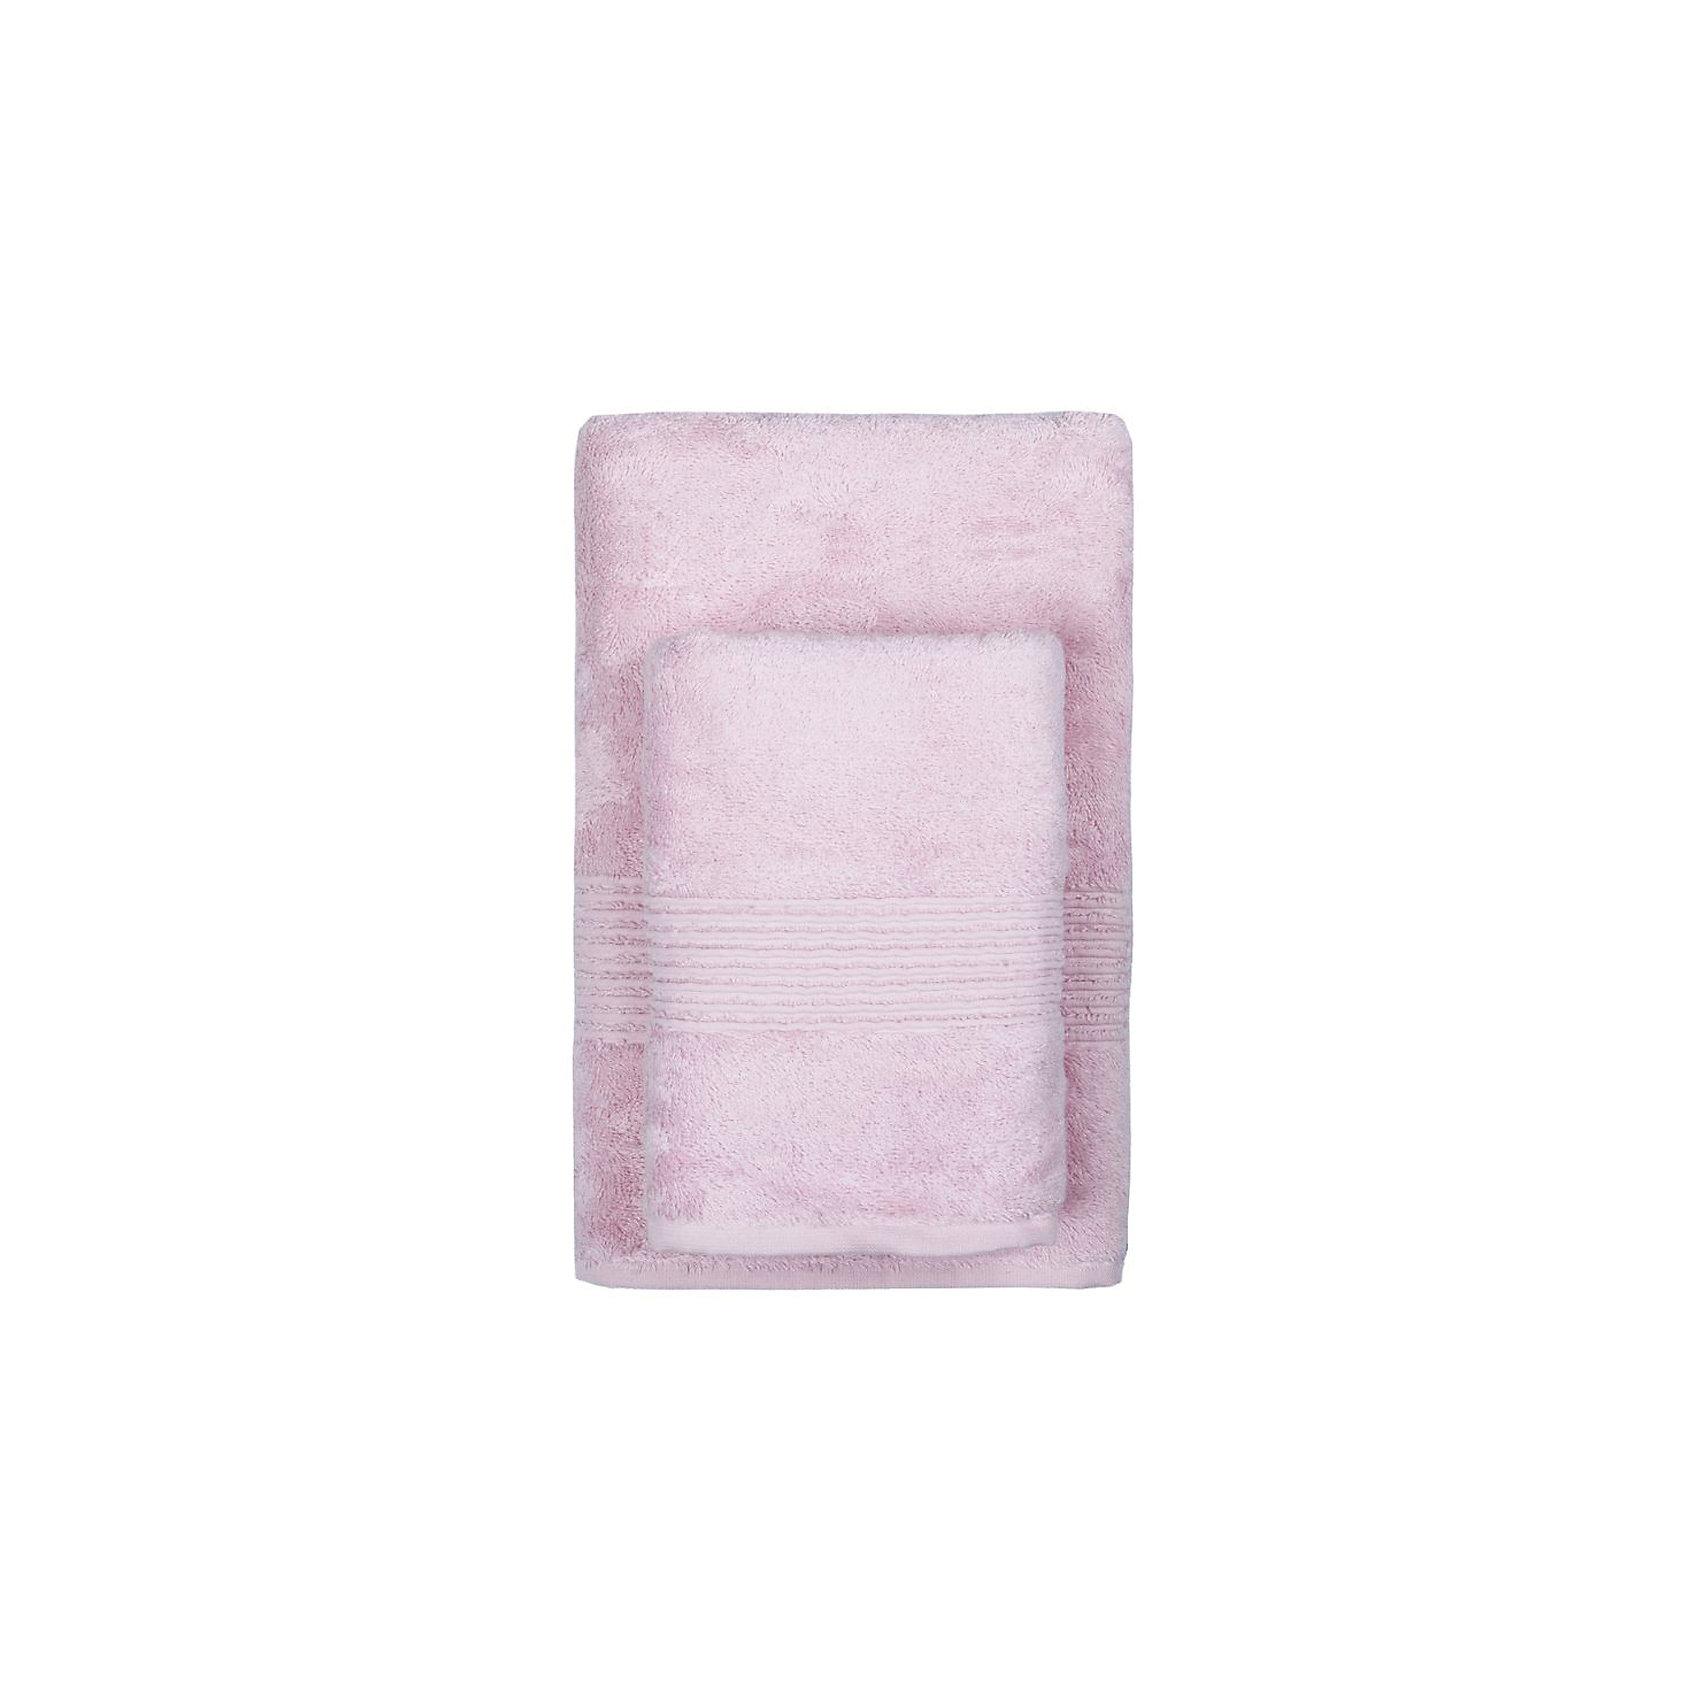 Полотенце махровое Maison Bambu, 70*140, TAC, розовый (pudra)Ванная комната<br>Характеристики:<br><br>• Вид домашнего текстиля: махровое полотенце<br>• Размеры полотенца: 70*140 см<br>• Рисунок: без рисунка<br>• Декоративные элементы: бордюр<br>• Материал: хлопок, 50% хлопок; бамбук, 50%<br>• Цвет: розовый<br>• Плотность полотна: 550 гр/м2 <br>• Вес: 550 г<br>• Размеры упаковки (Д*Ш*В): 37*5*25 см<br>• Особенности ухода: машинная стирка <br><br>Полотенце махровое Maison Bambu, 70*140, TAC, розовый (pudra) от наиболее популярного бренда на отечественном рынке среди производителей комплектов постельного белья и текстильных принадлежностей, выпуском которого занимается производственная компания, являющаяся частью мирового холдинга Zorlu Holding Textiles Group. Полотенце выполнено из сочетания натурального хлопка и бамбукового волокна, что обеспечивает гипоаллергенность, высокую износоустойчивость, повышенные гигкоскопические и антибактериальные свойства изделия. <br><br>Благодаря высокой степени плотности махры, полотенце отлично впитывает влагу, но при этом остается мягким. Ворс окрашен стойкими нетоксичными красителями, который не оставляет запаха и обеспечивает ровный окрас. Полотенце сохраняет свой цвет и форму даже при частых стирках. Выполнено в розовом цвете без рисунка, декорировано бордюром.<br><br>Полотенце махровое Maison Bambu, 70*140, TAC, розовый (pudra) можно купить в нашем интернет-магазине.<br><br>Ширина мм: 250<br>Глубина мм: 30<br>Высота мм: 350<br>Вес г: 500<br>Возраст от месяцев: 216<br>Возраст до месяцев: 1188<br>Пол: Унисекс<br>Возраст: Детский<br>SKU: 5476333